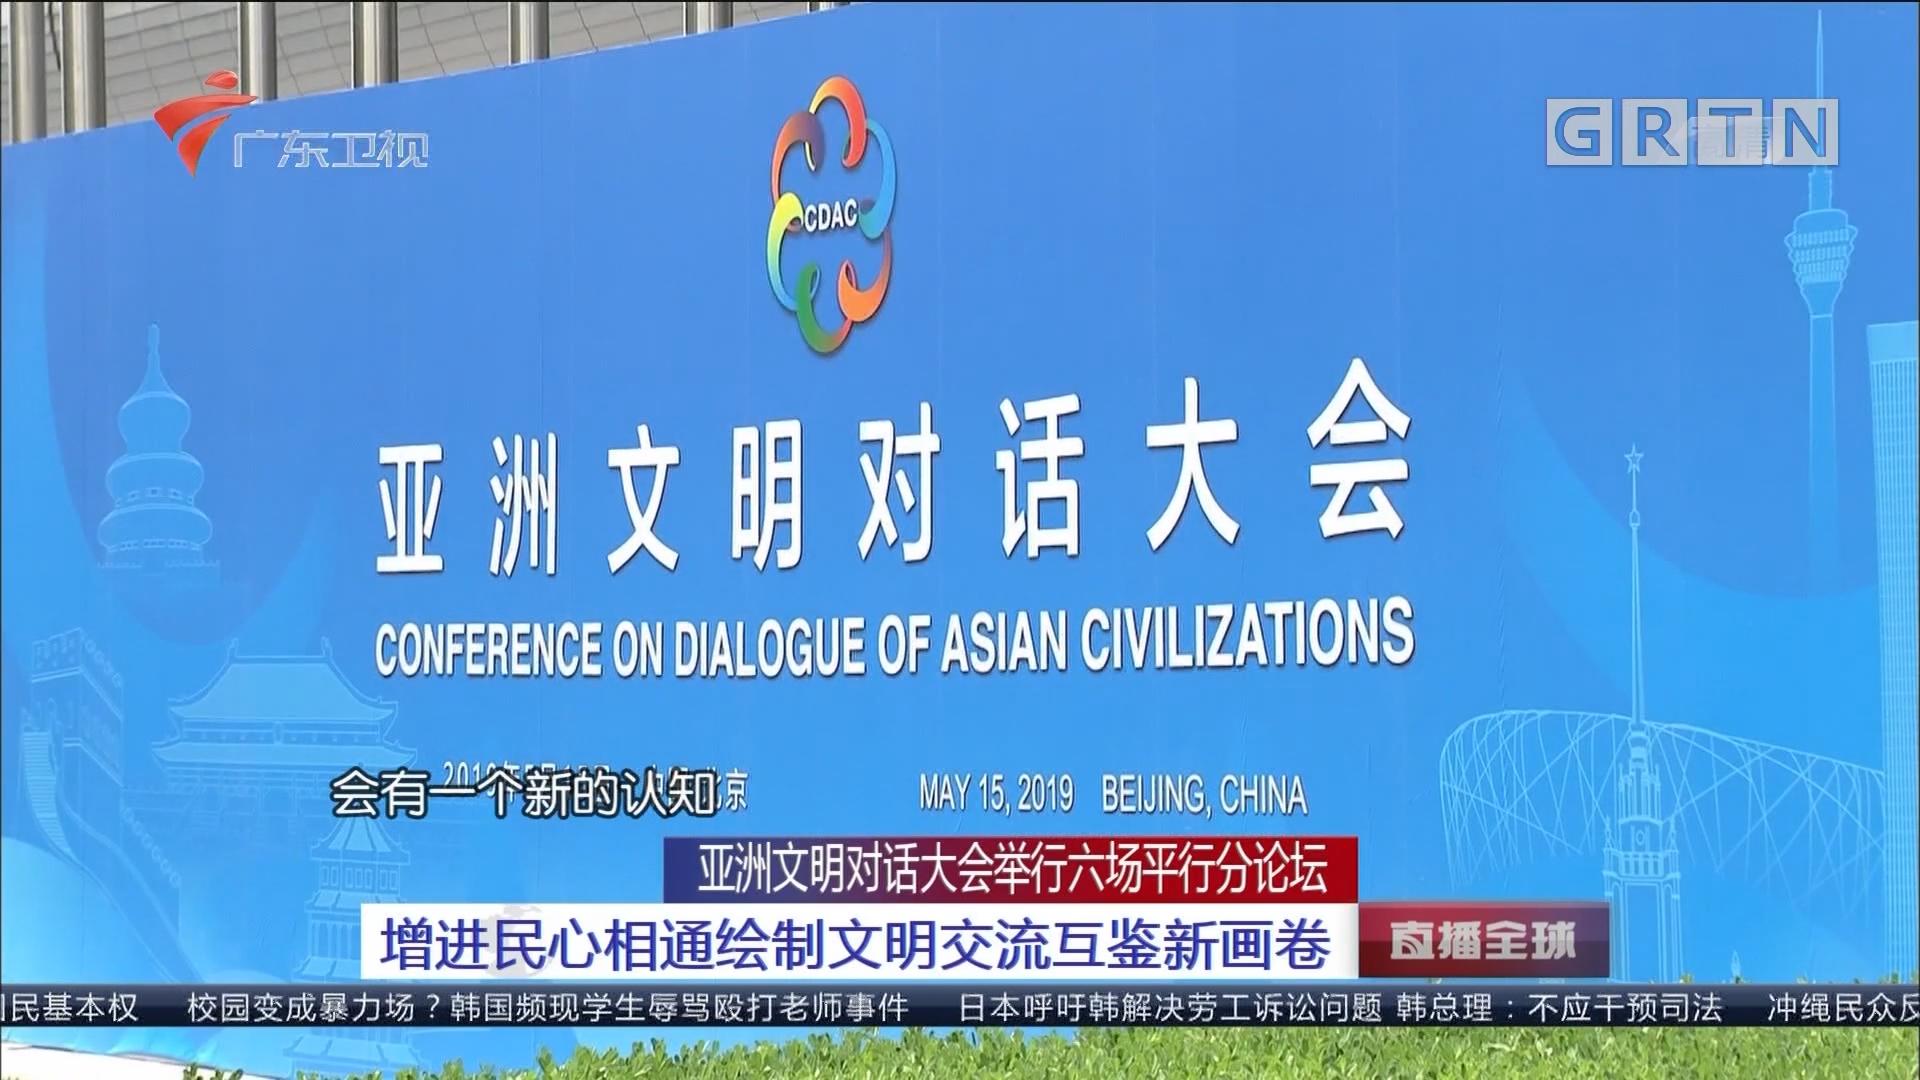 亚洲文明对话大会举行六场平行分论坛:增进民心相通绘制文明交流互鉴新画卷